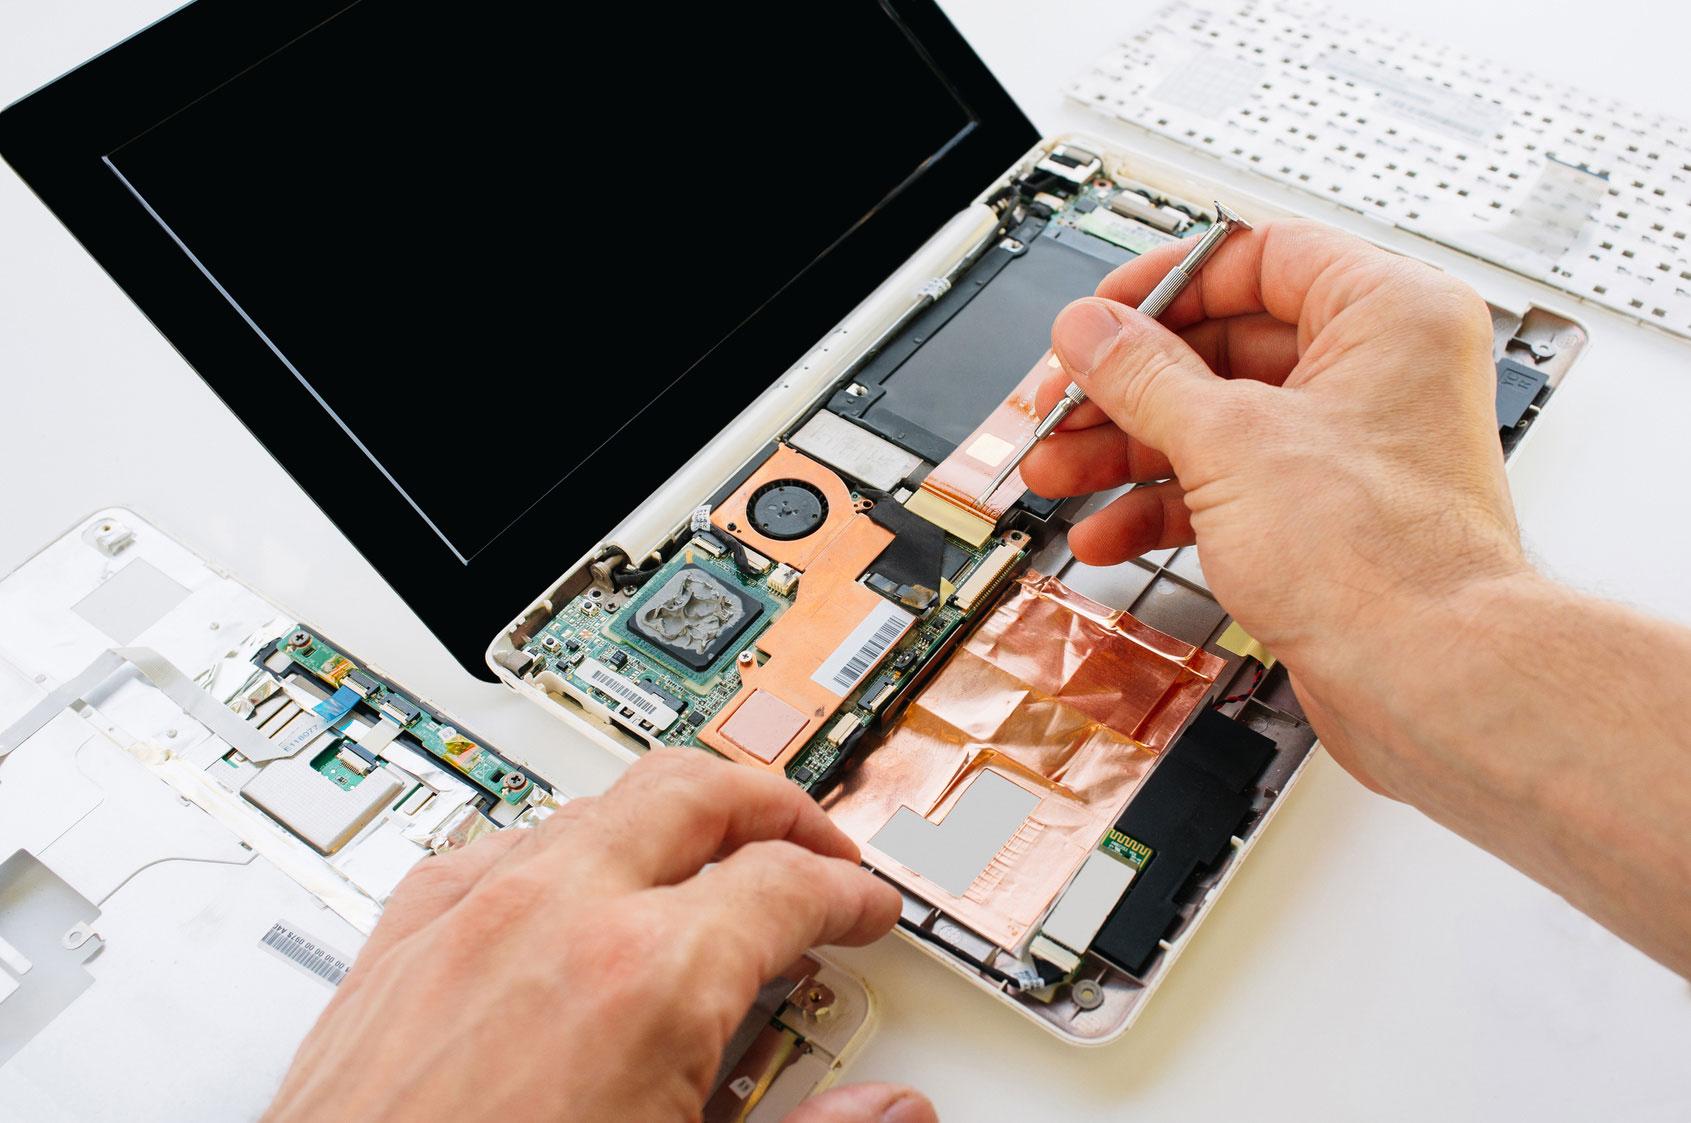 Fotocopiatrici e PC